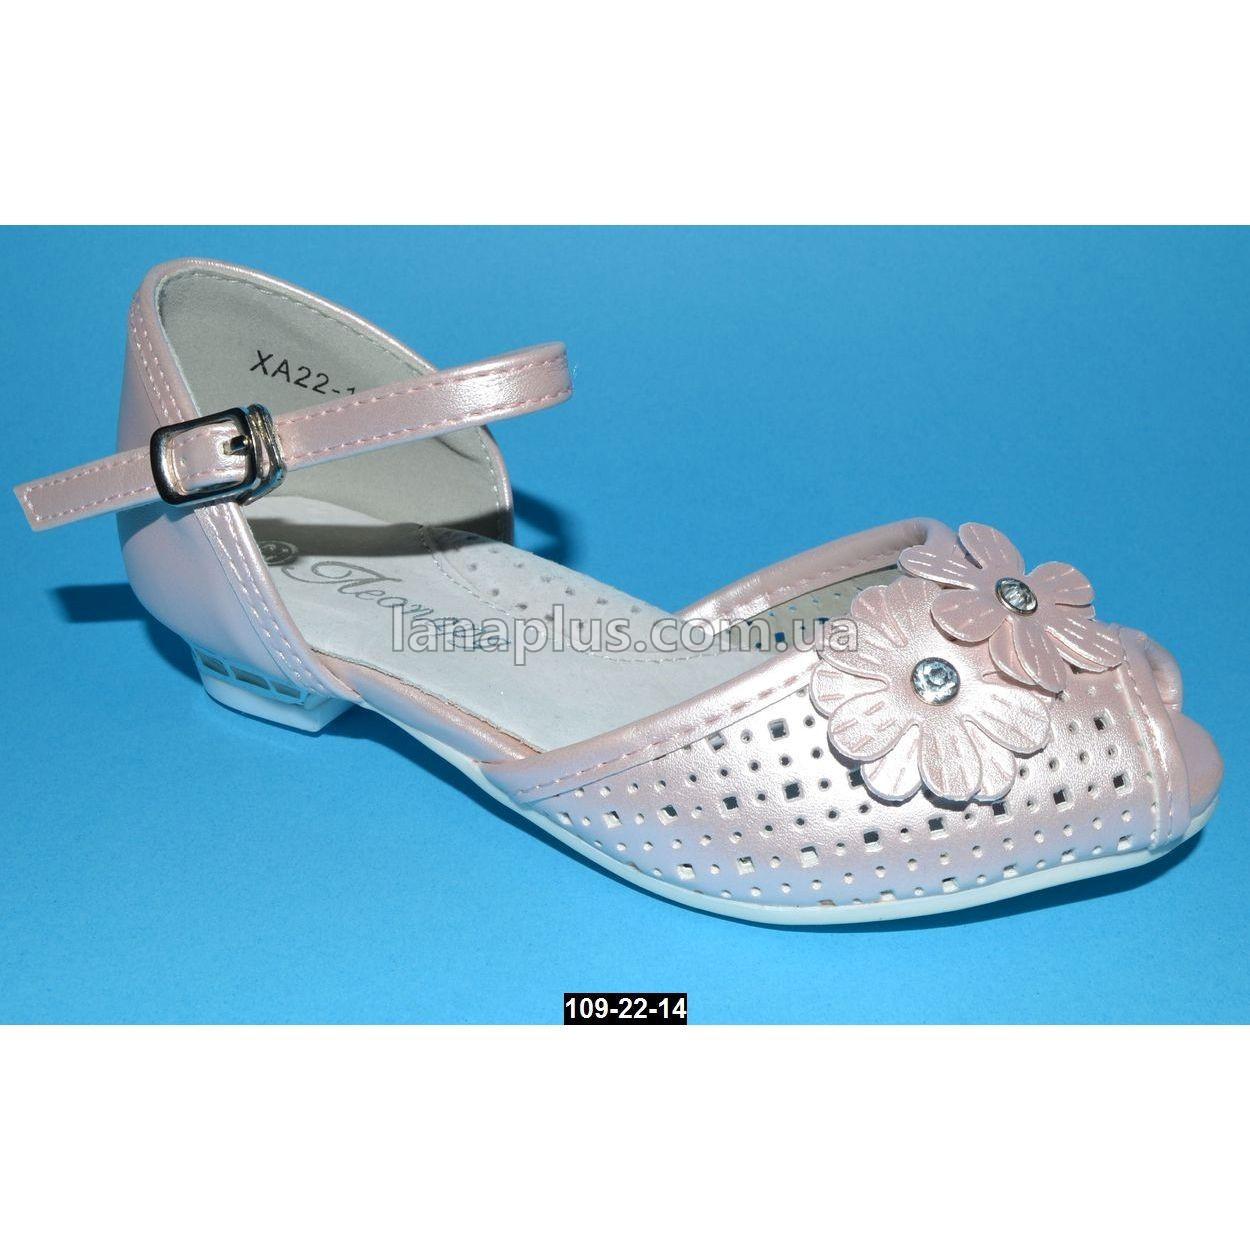 Нарядные босоножки, туфли для девочки, 25 размер (17 см), супинатор, кожаная стелька, 109-22-14